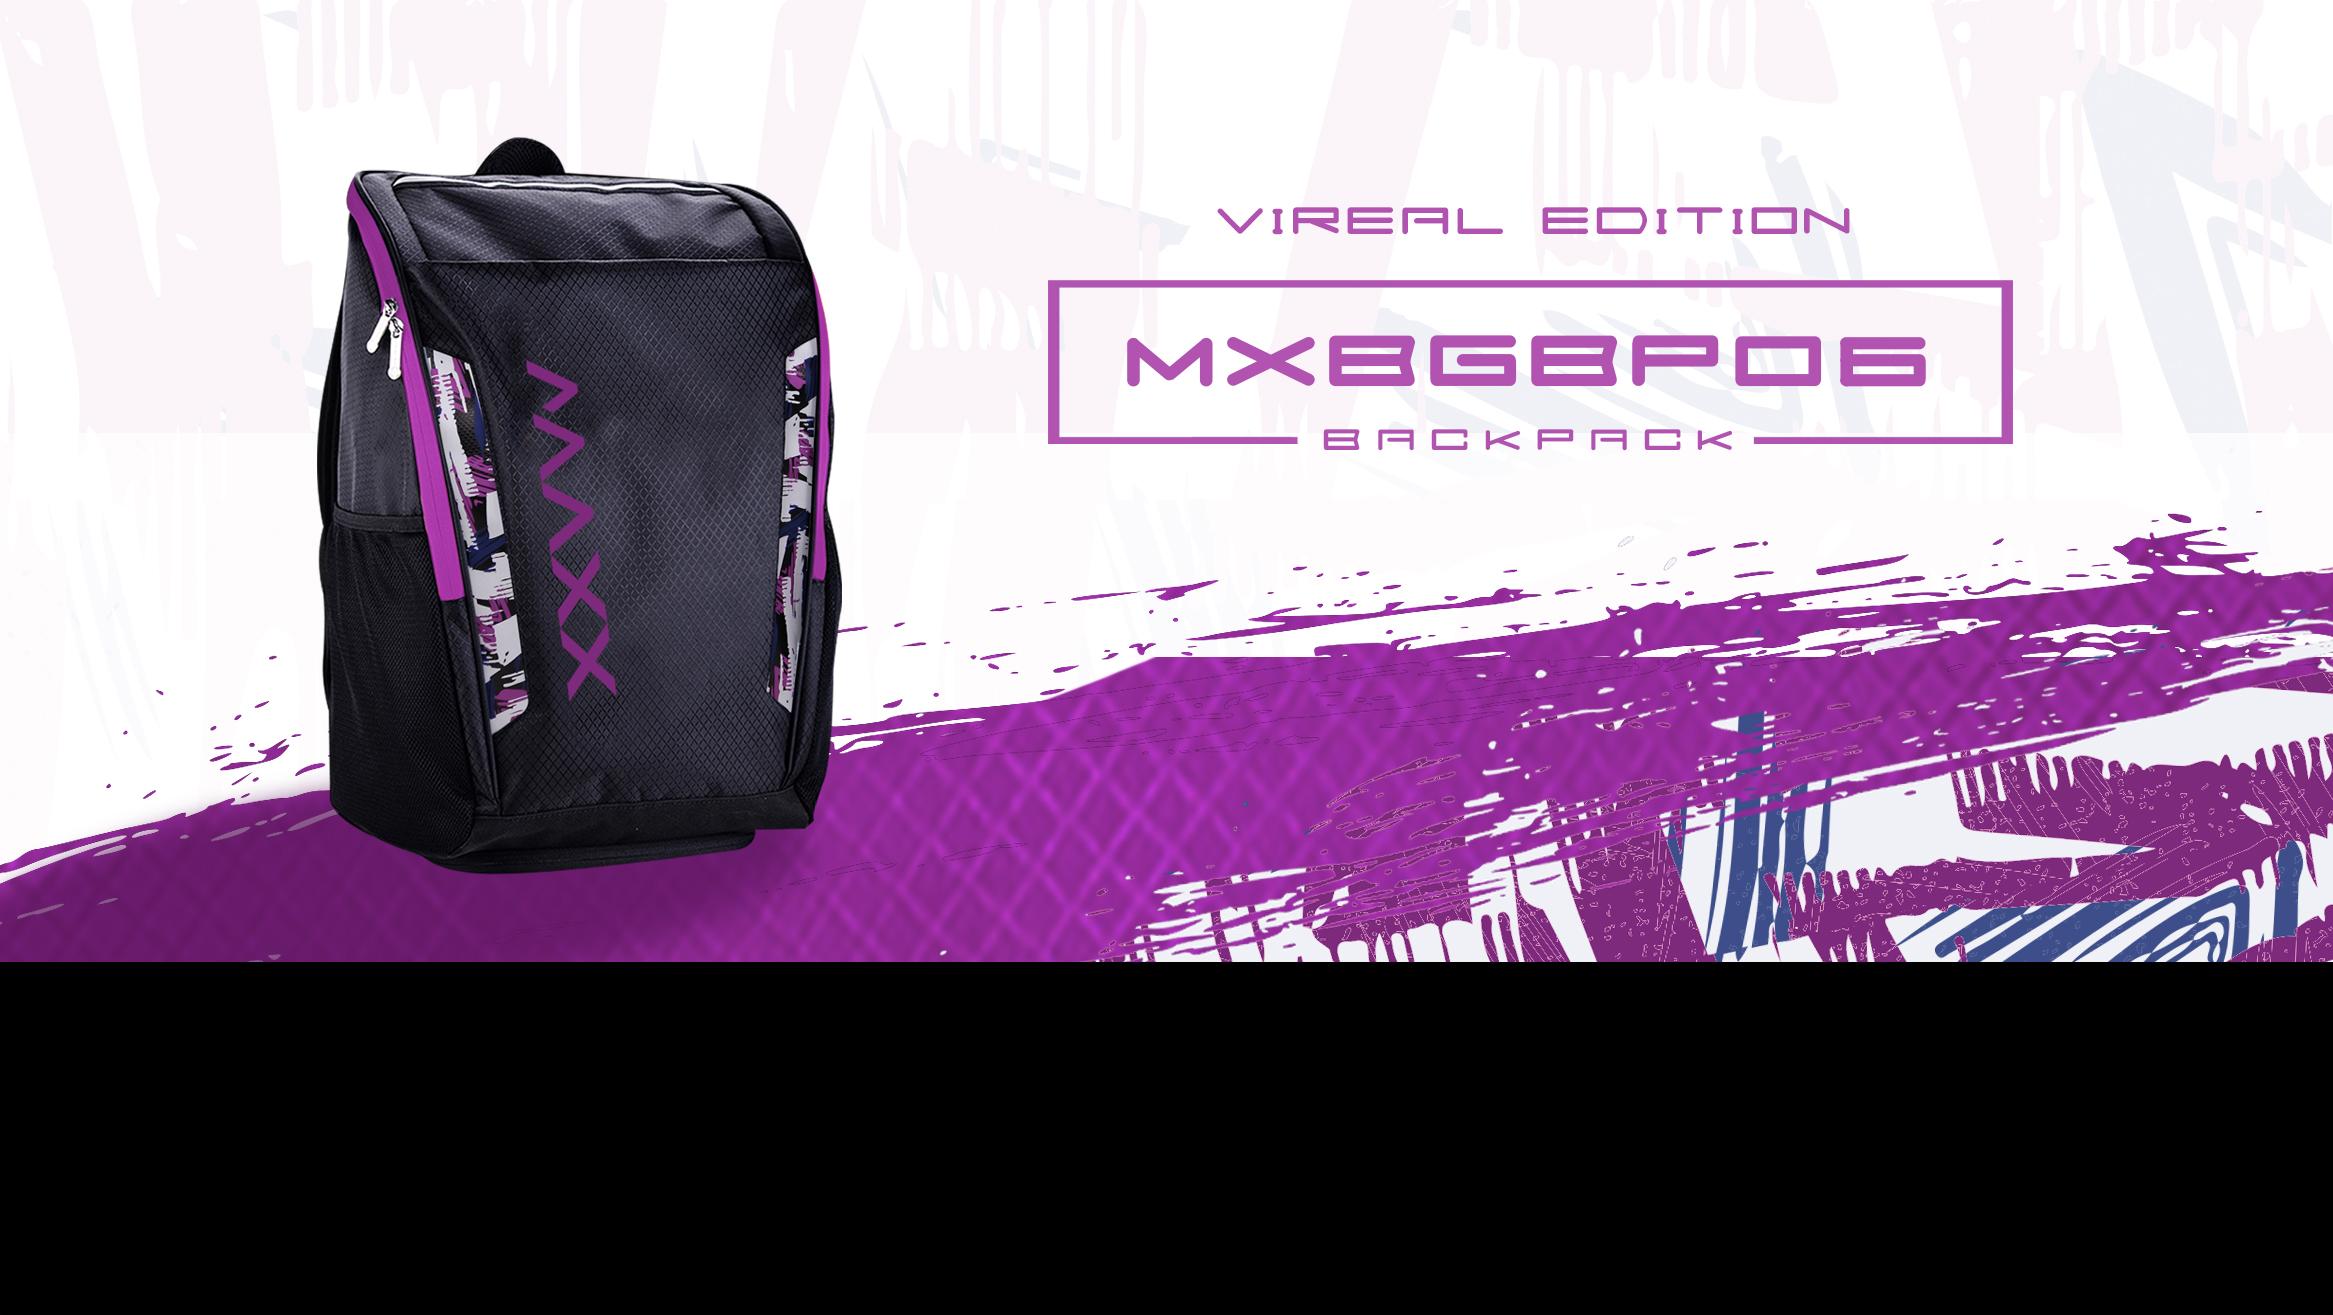 MXBGBP06-slider1